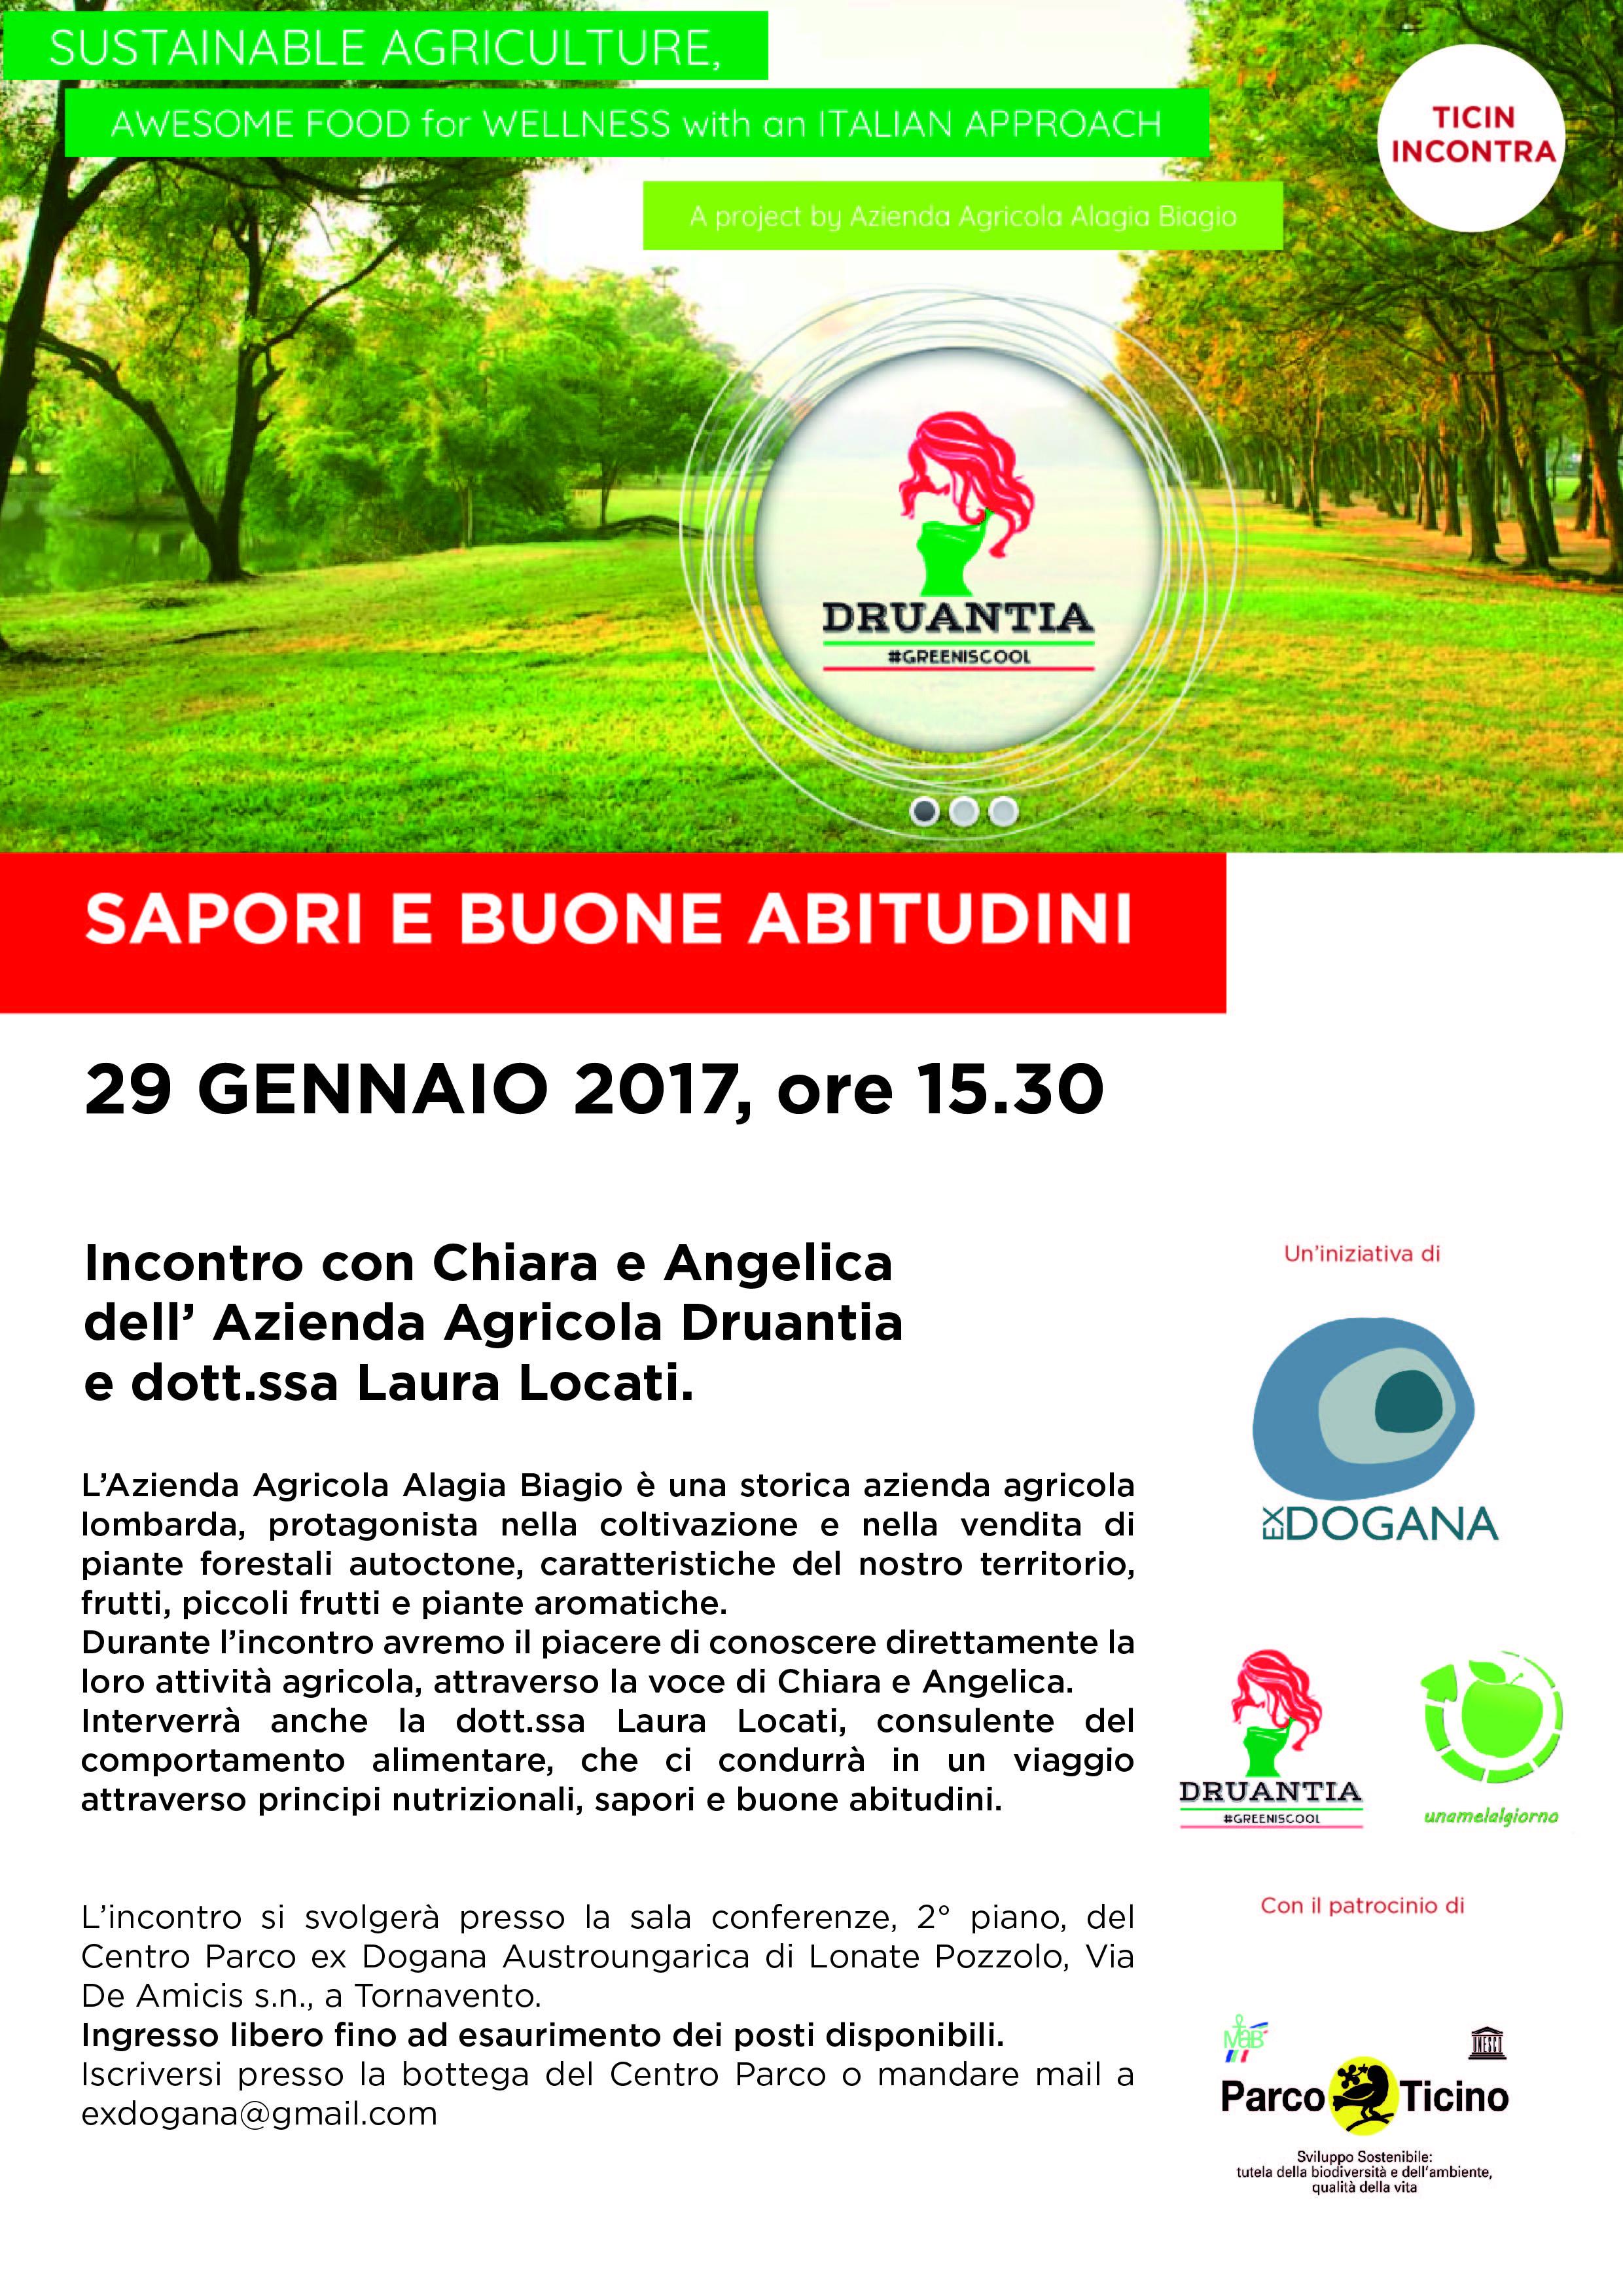 druantia_incontro-05